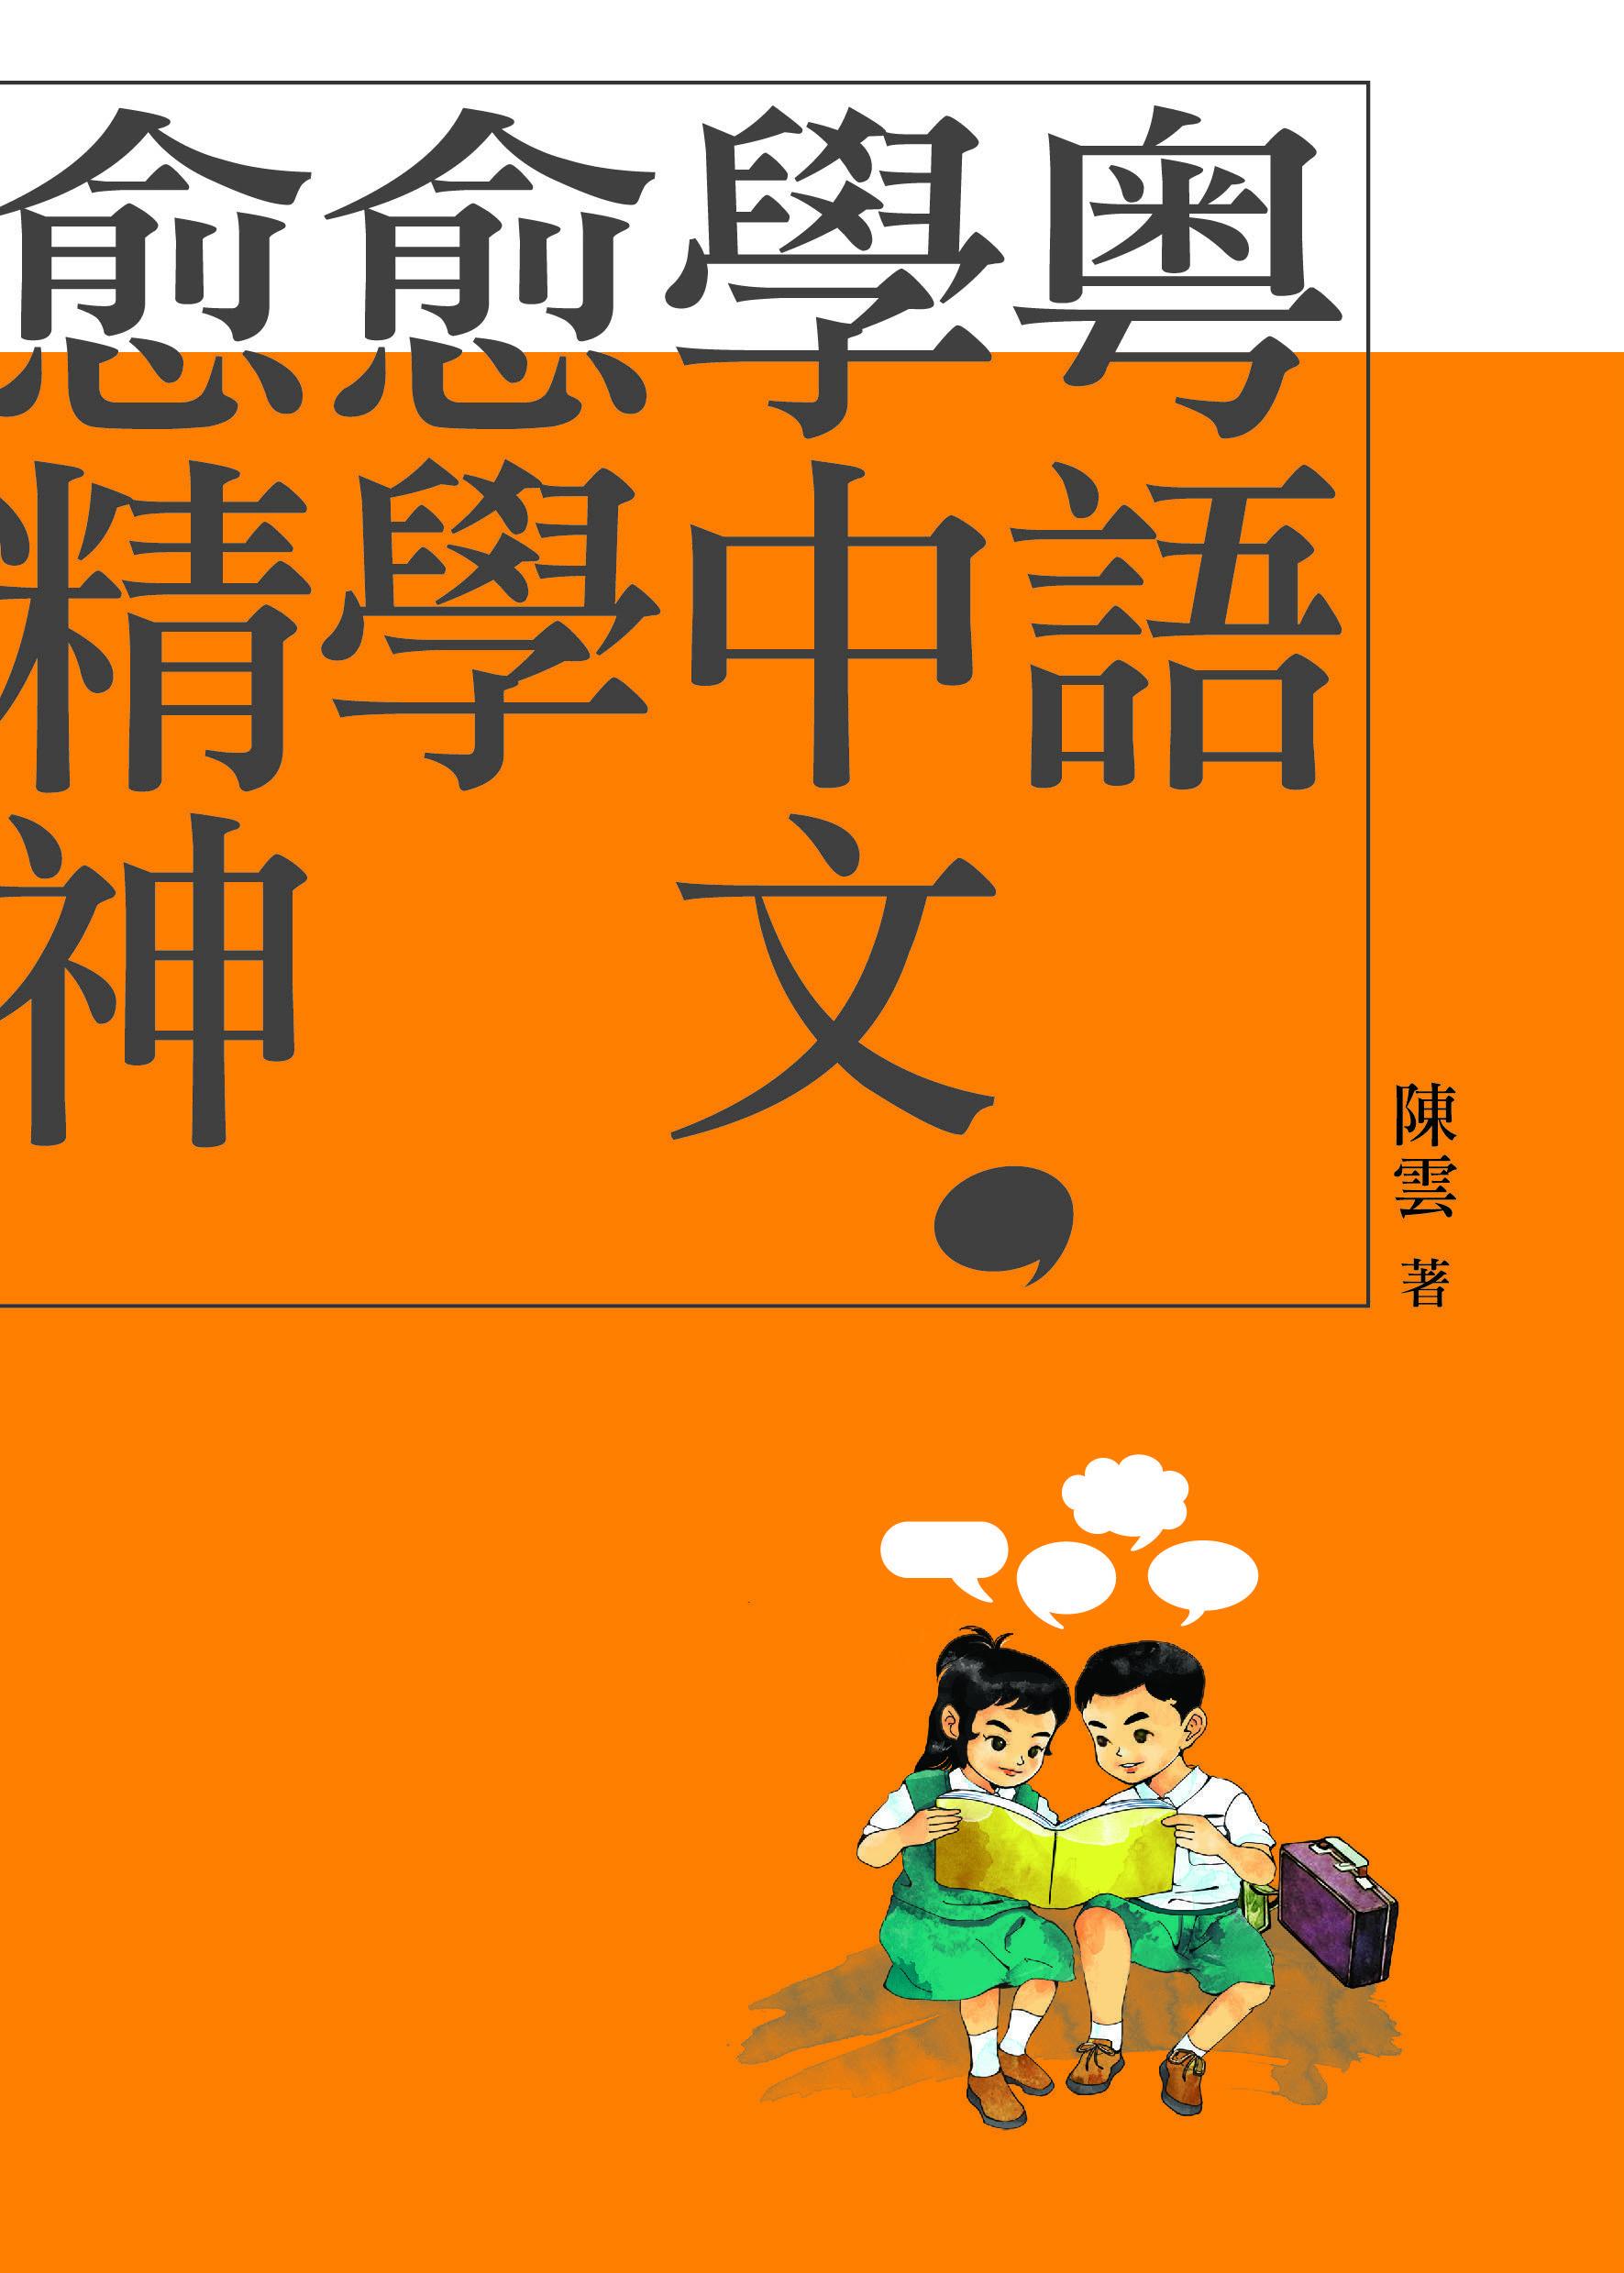 粵語學中文,愈學愈精神